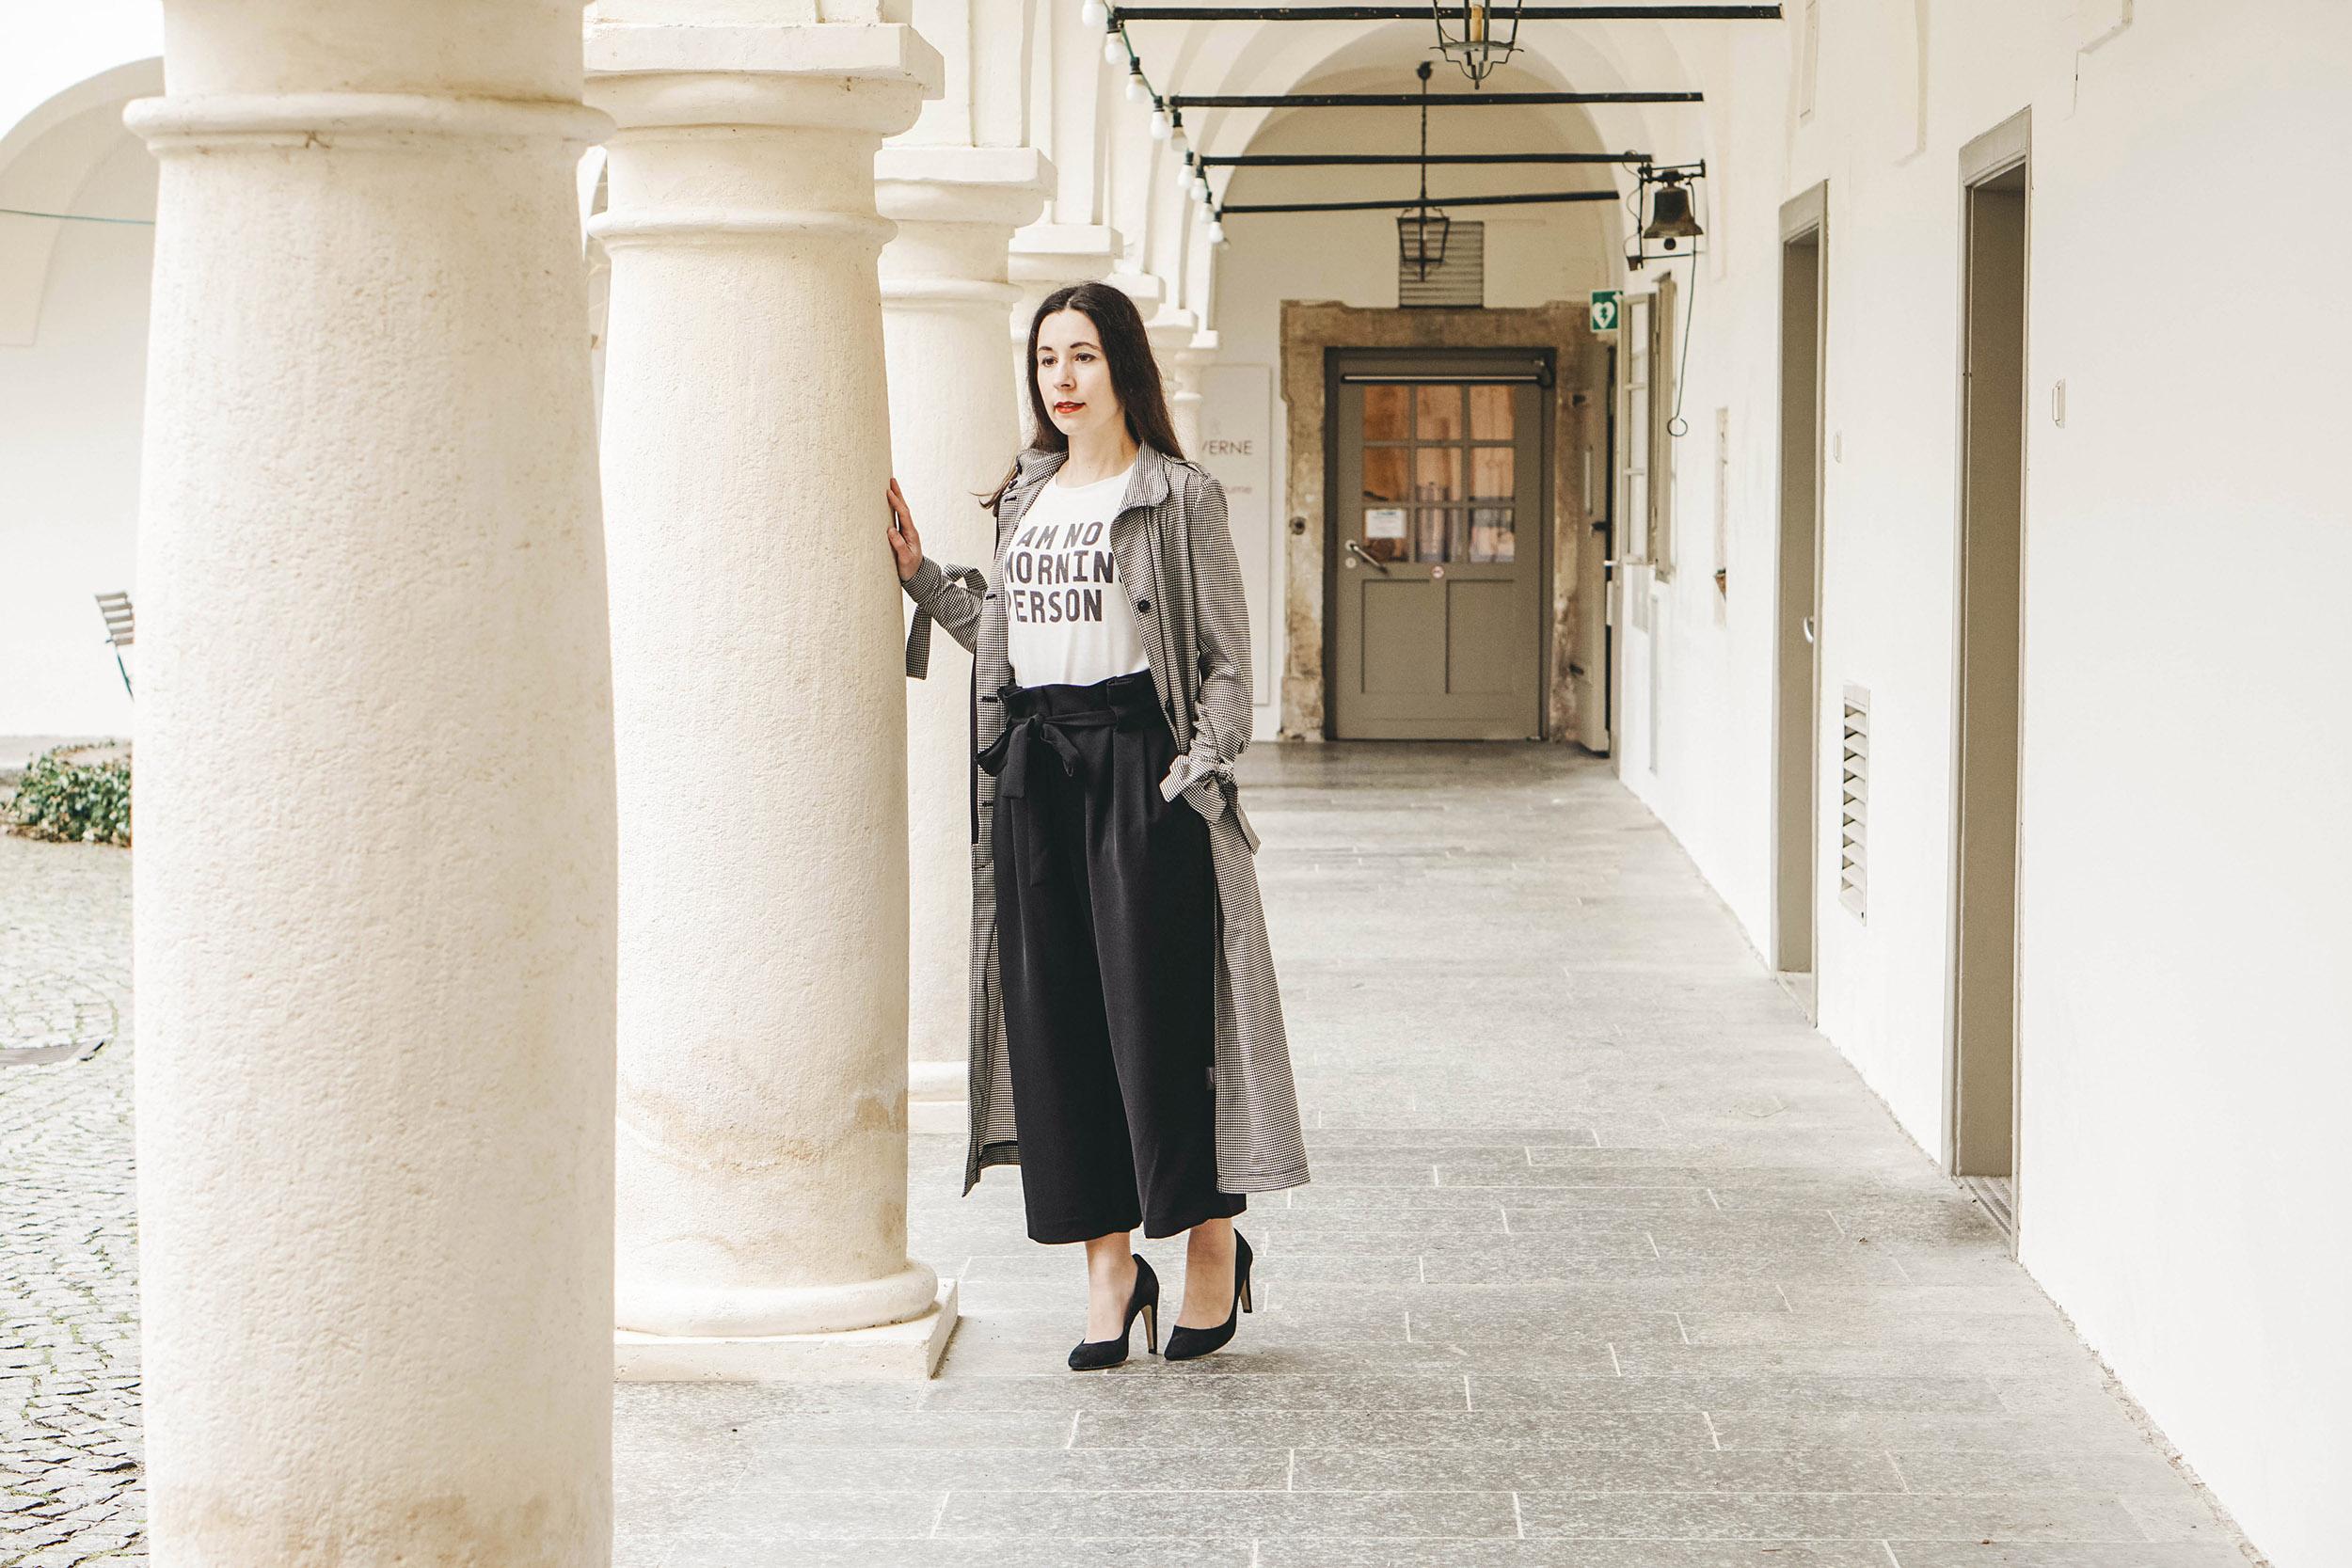 Klassische Frühjahrsmode – Karo Trenchcoat und Culottes